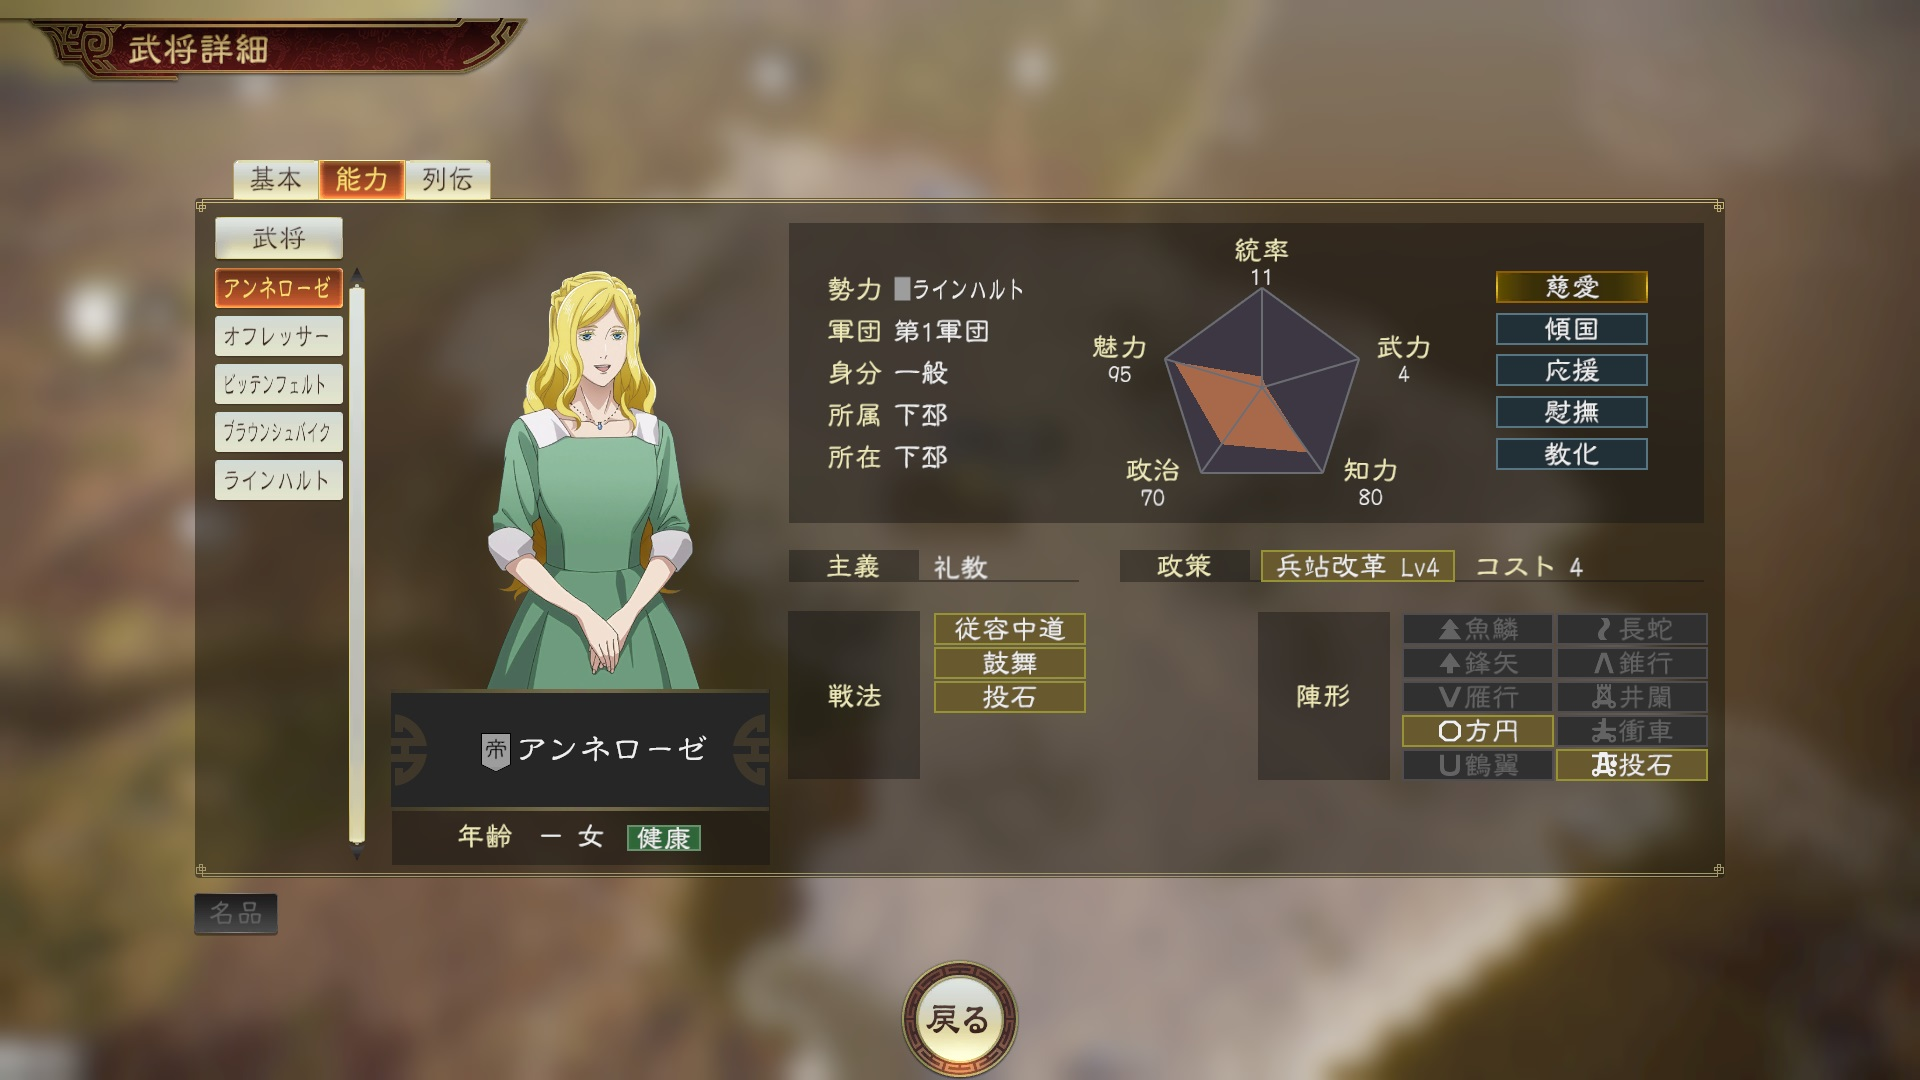 《三国志14》银英传联动免费DLC角色五维图公布 (3)